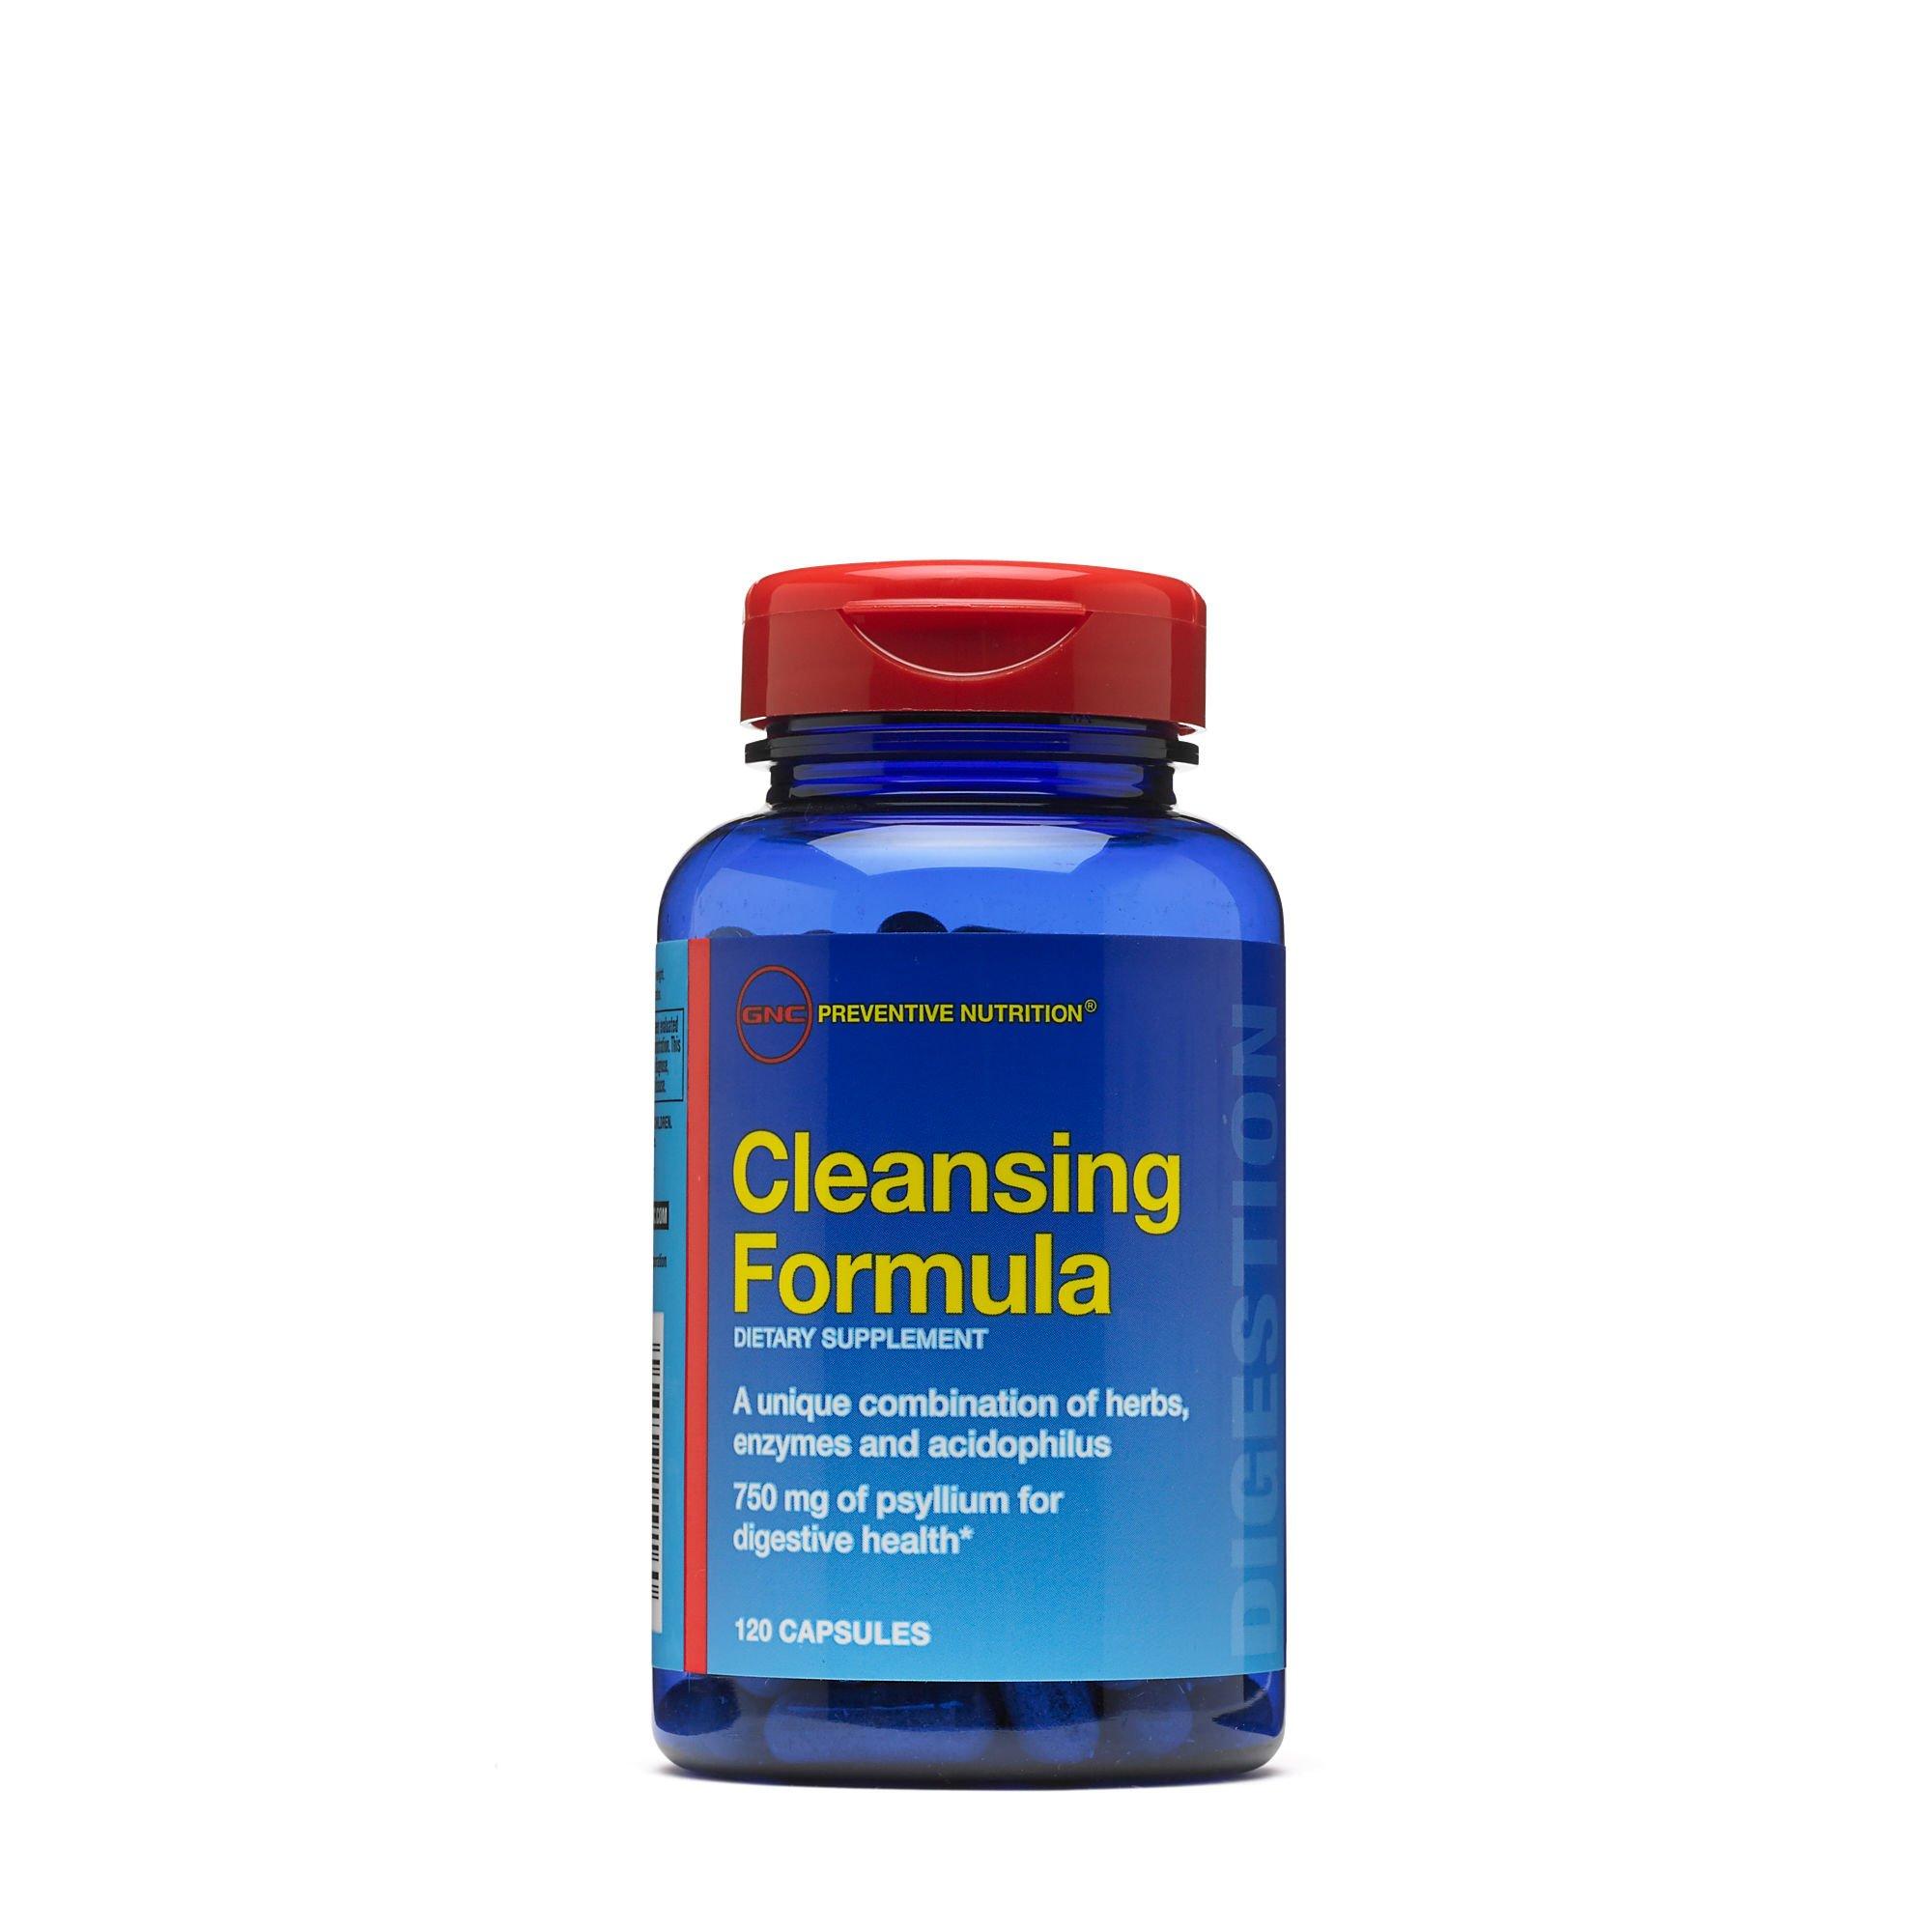 GNC Preventive Nutrition Cleansing Formula